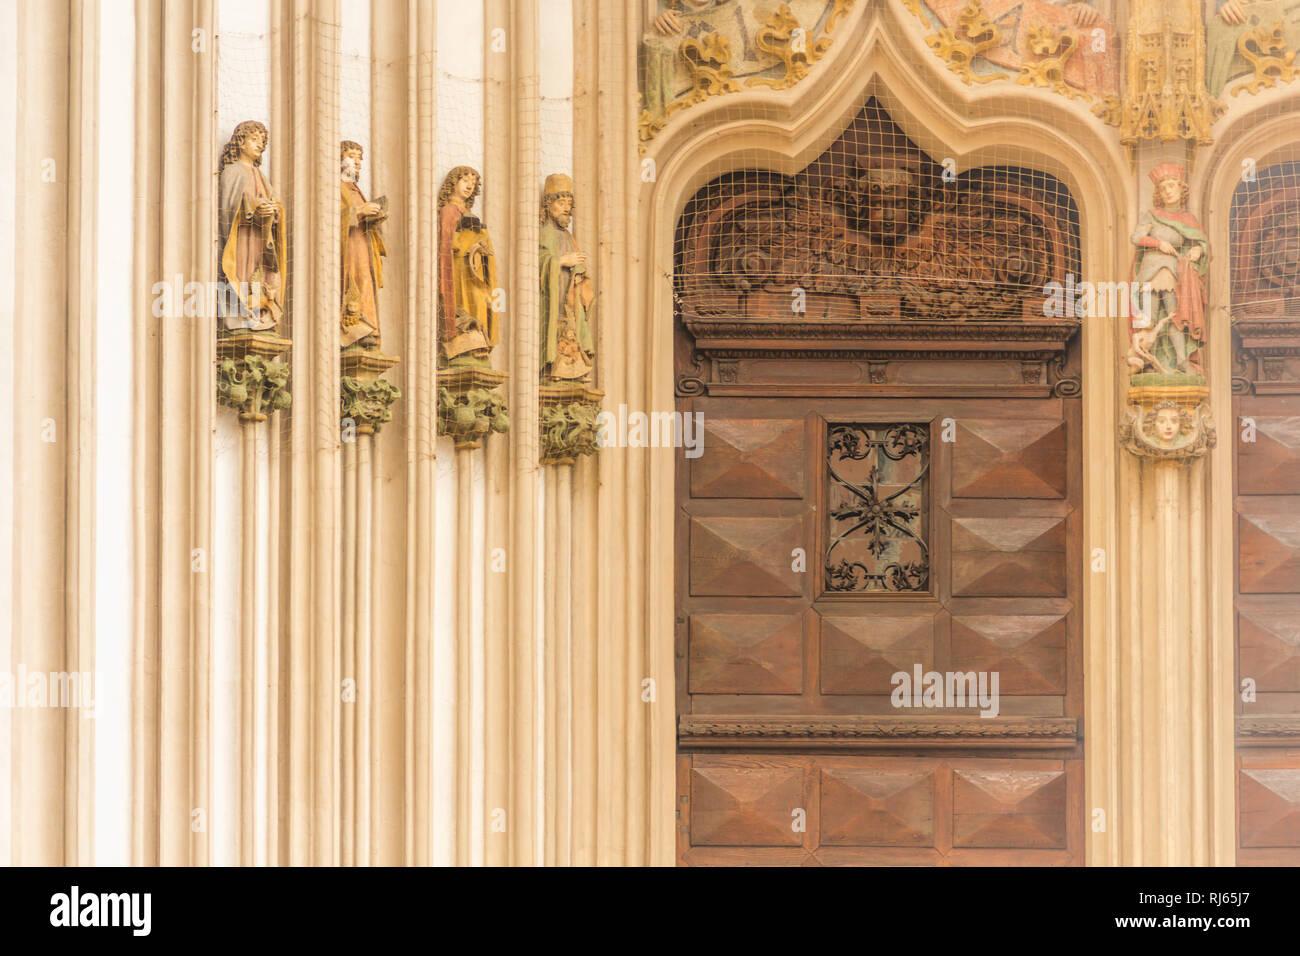 Das Eingangsportal der St. Martinskirche in Landshut Detailansicht Stockbild